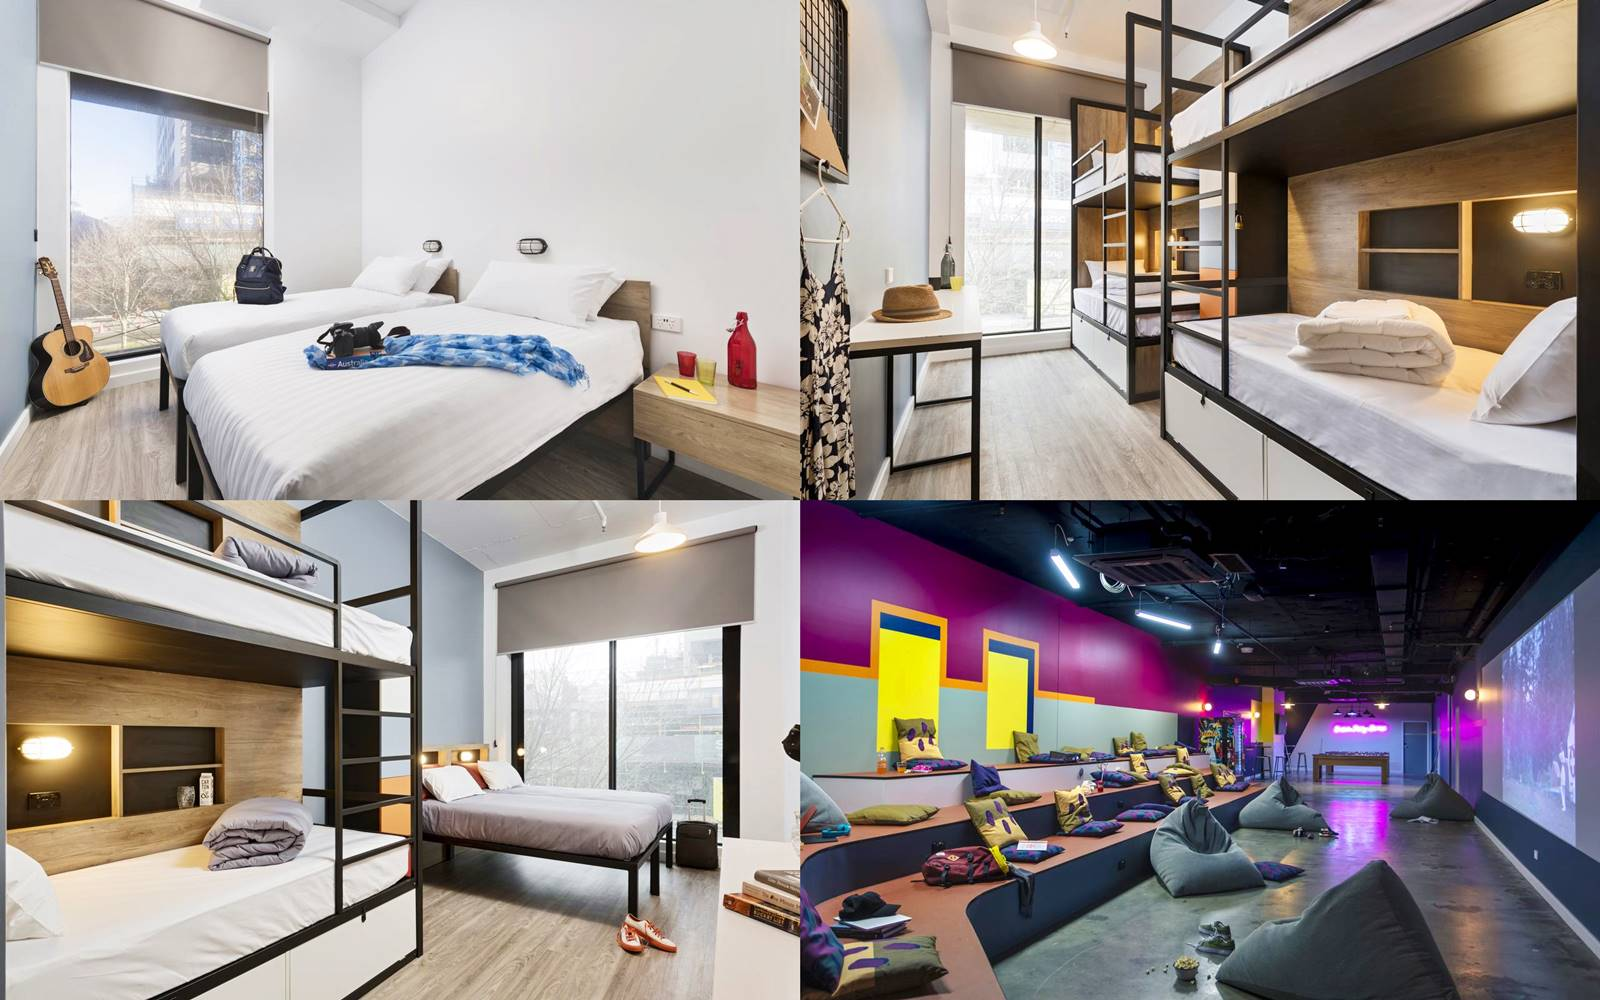 伯斯-市區-住宿-推薦-飯店-旅館-民宿-酒店-公寓-伯斯G青年旅館-Hostel G Perth-便宜-CP值-自由行-觀光-旅遊-Perth-hotel